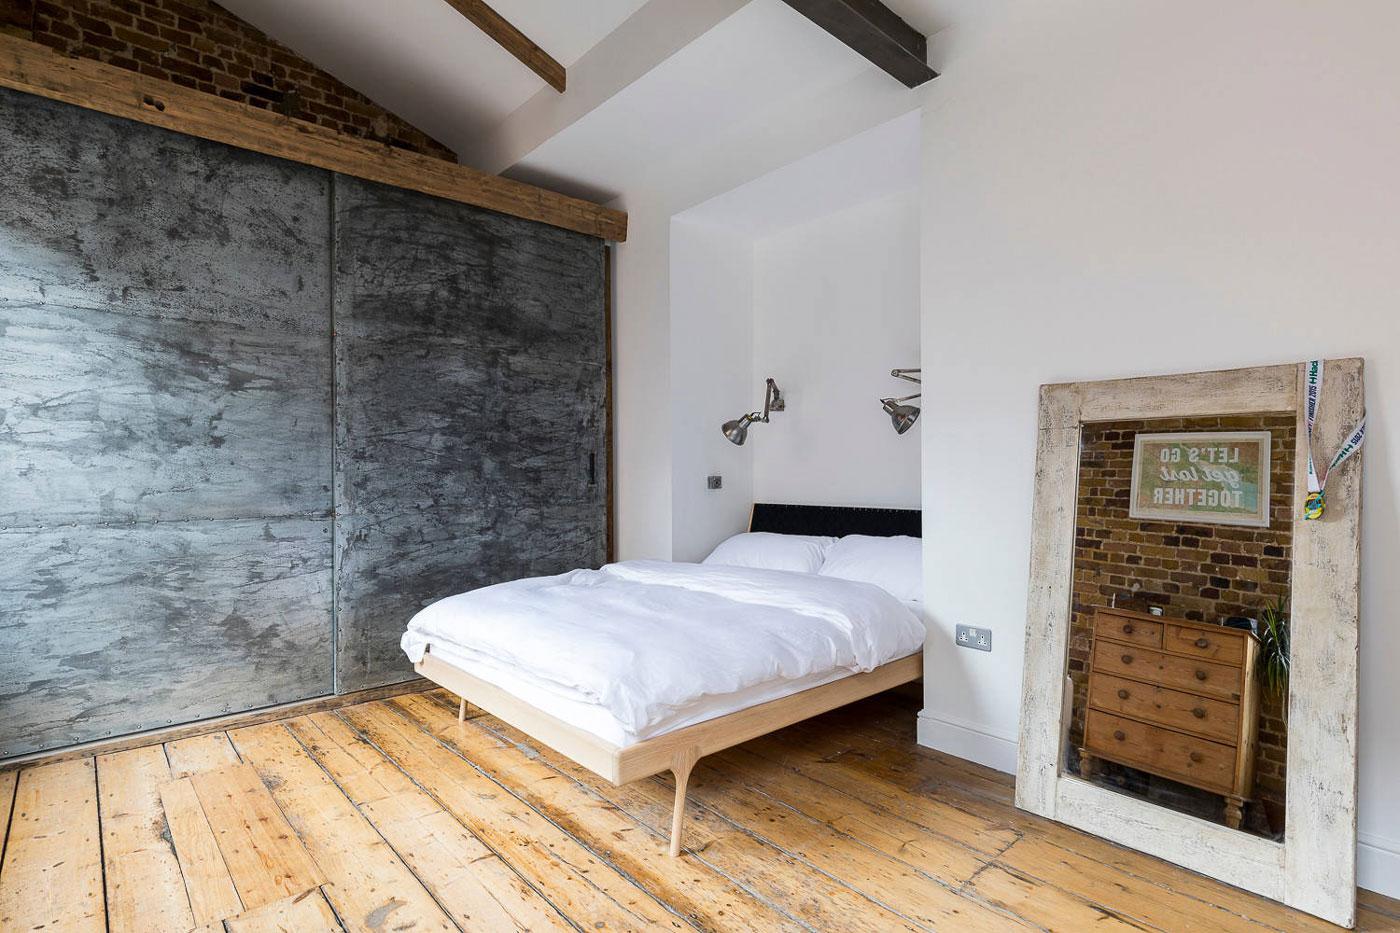 Bedroom, wooden flooring